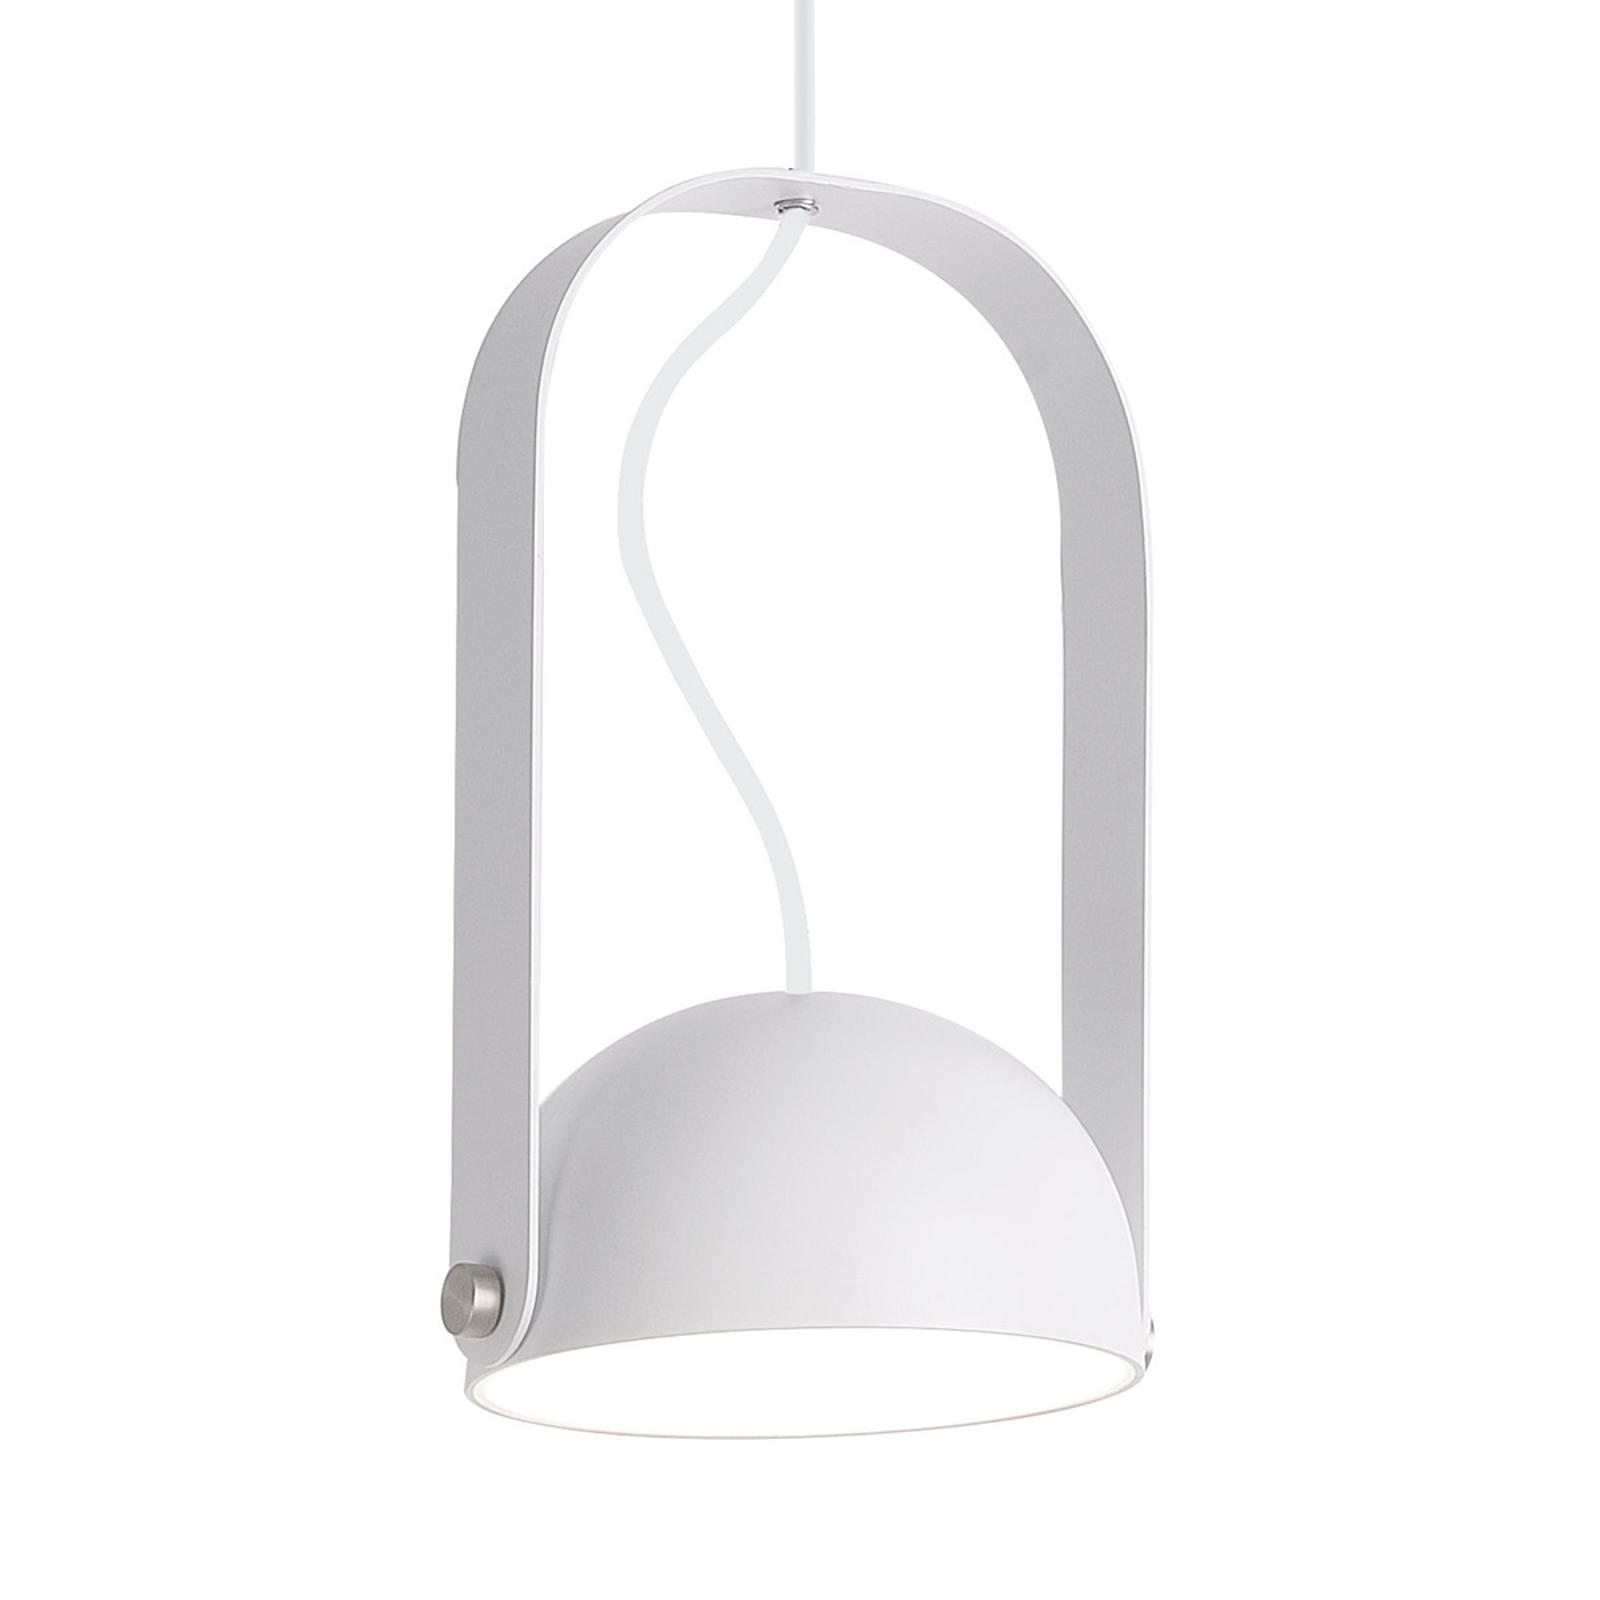 LED-riippuvalaisin Hemi, käännettävä, valkoinen